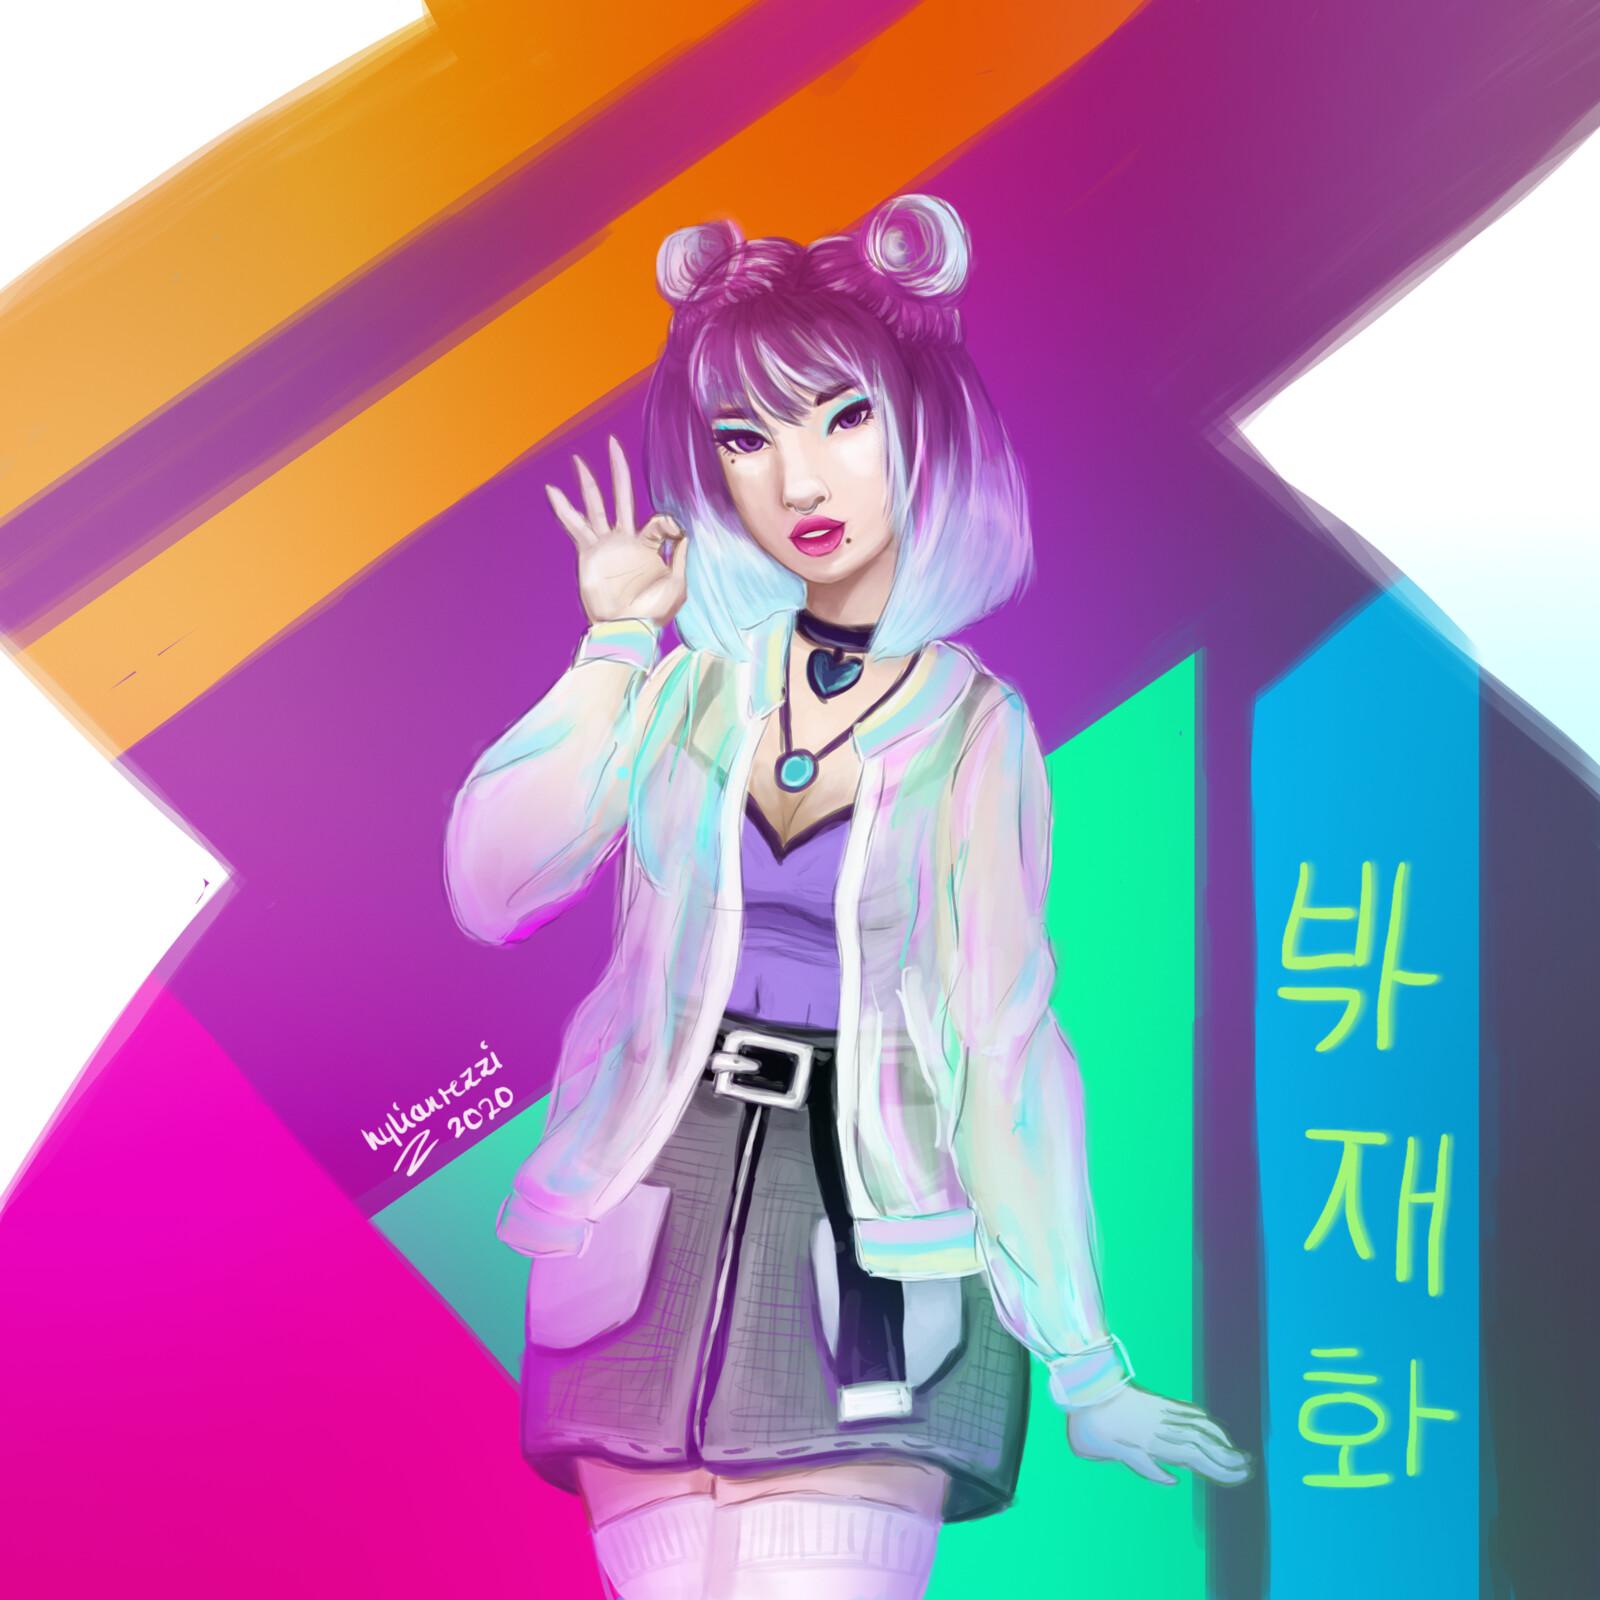 박재화 | Park Jae-Hwa